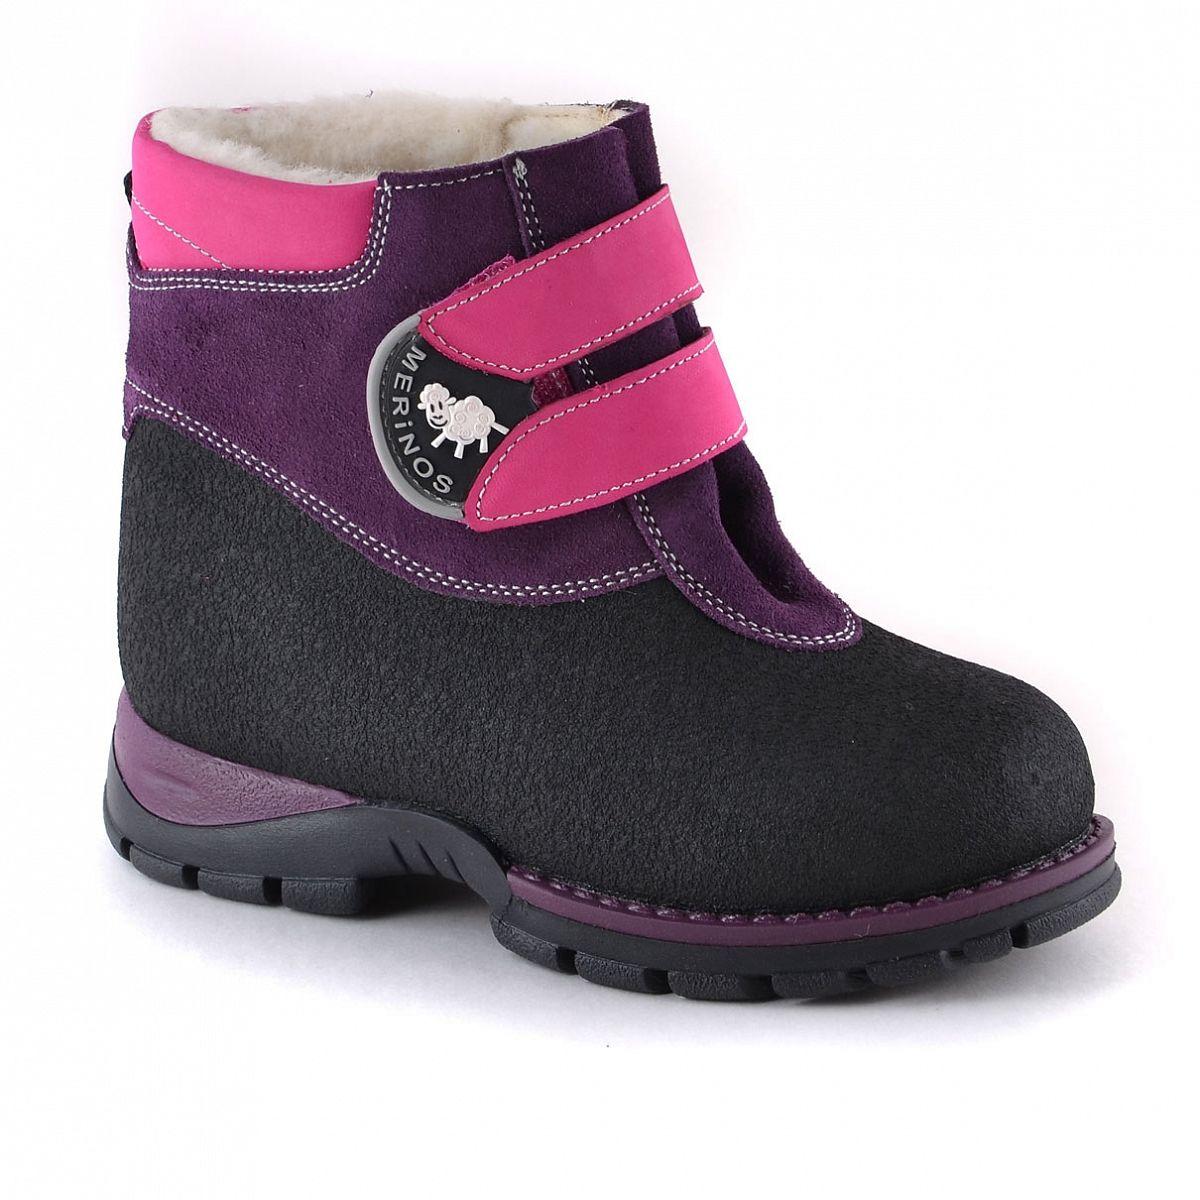 5f1a508e7 Ботинки дошкольно-школьные для девочки Детский Скороход, фиолетово-розовые  с черной отделкой - купить в Москве: цены в интернет-магазине Кораблик